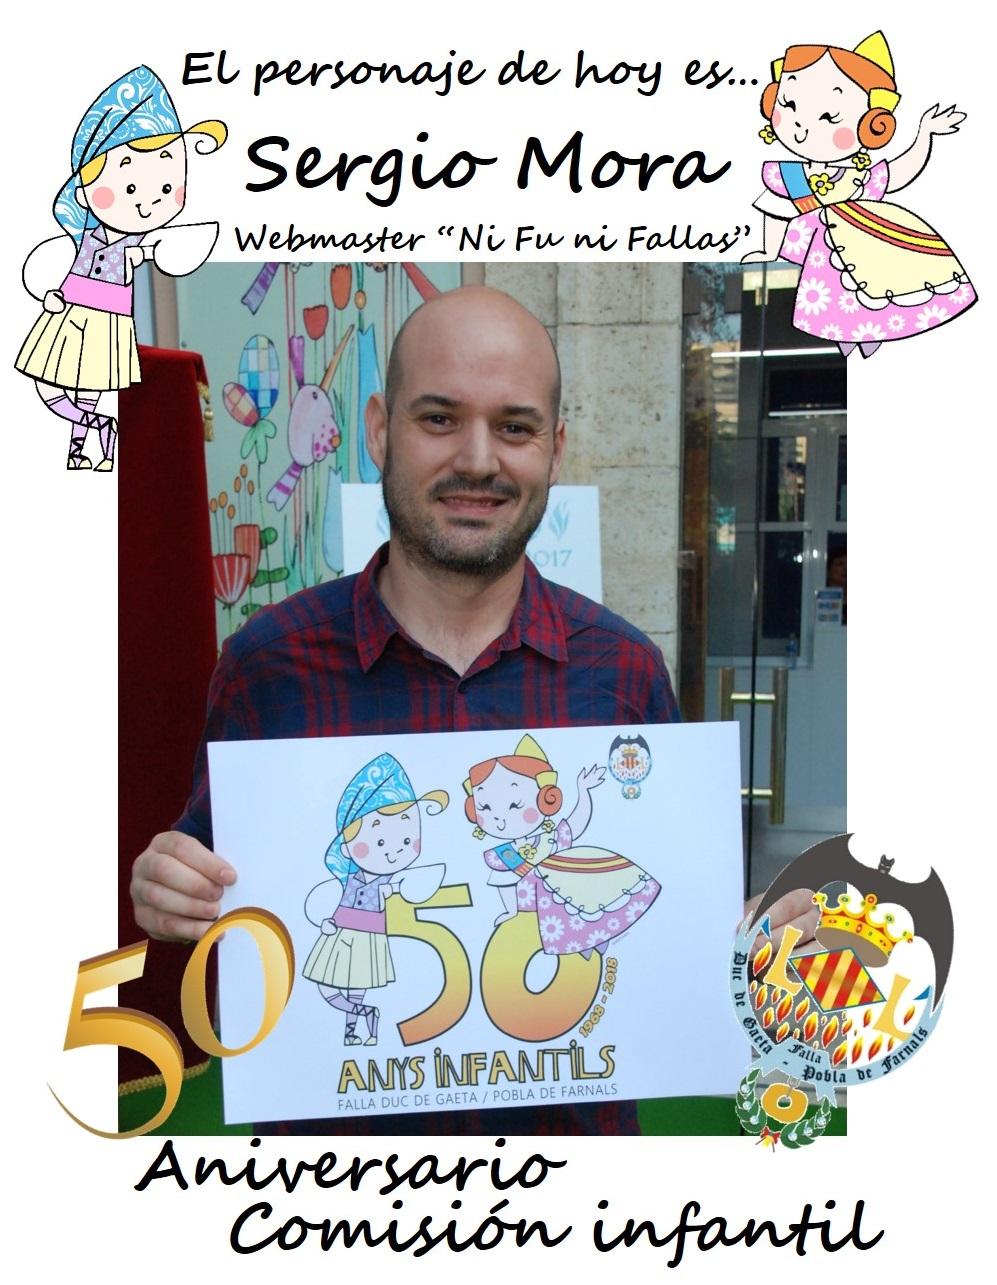 Personaje del día: Sergio Mora